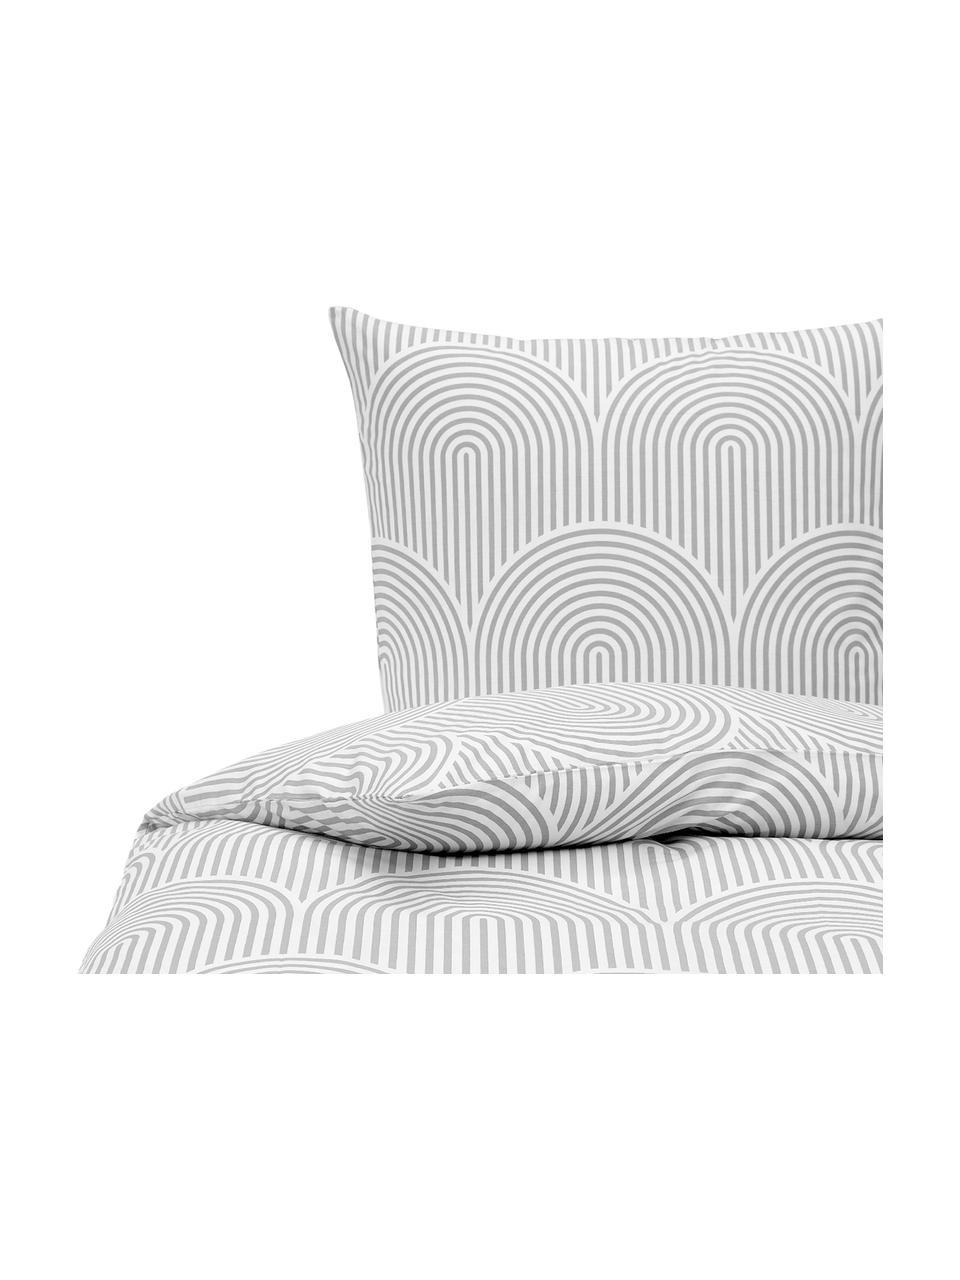 Gemusterte Baumwoll-Bettwäsche Arcs in Grau/Weiß, Webart: Renforcé Fadendichte 144 , Grau,Weiß, 135 x 200 cm + 1 Kissen 80 x 80 cm